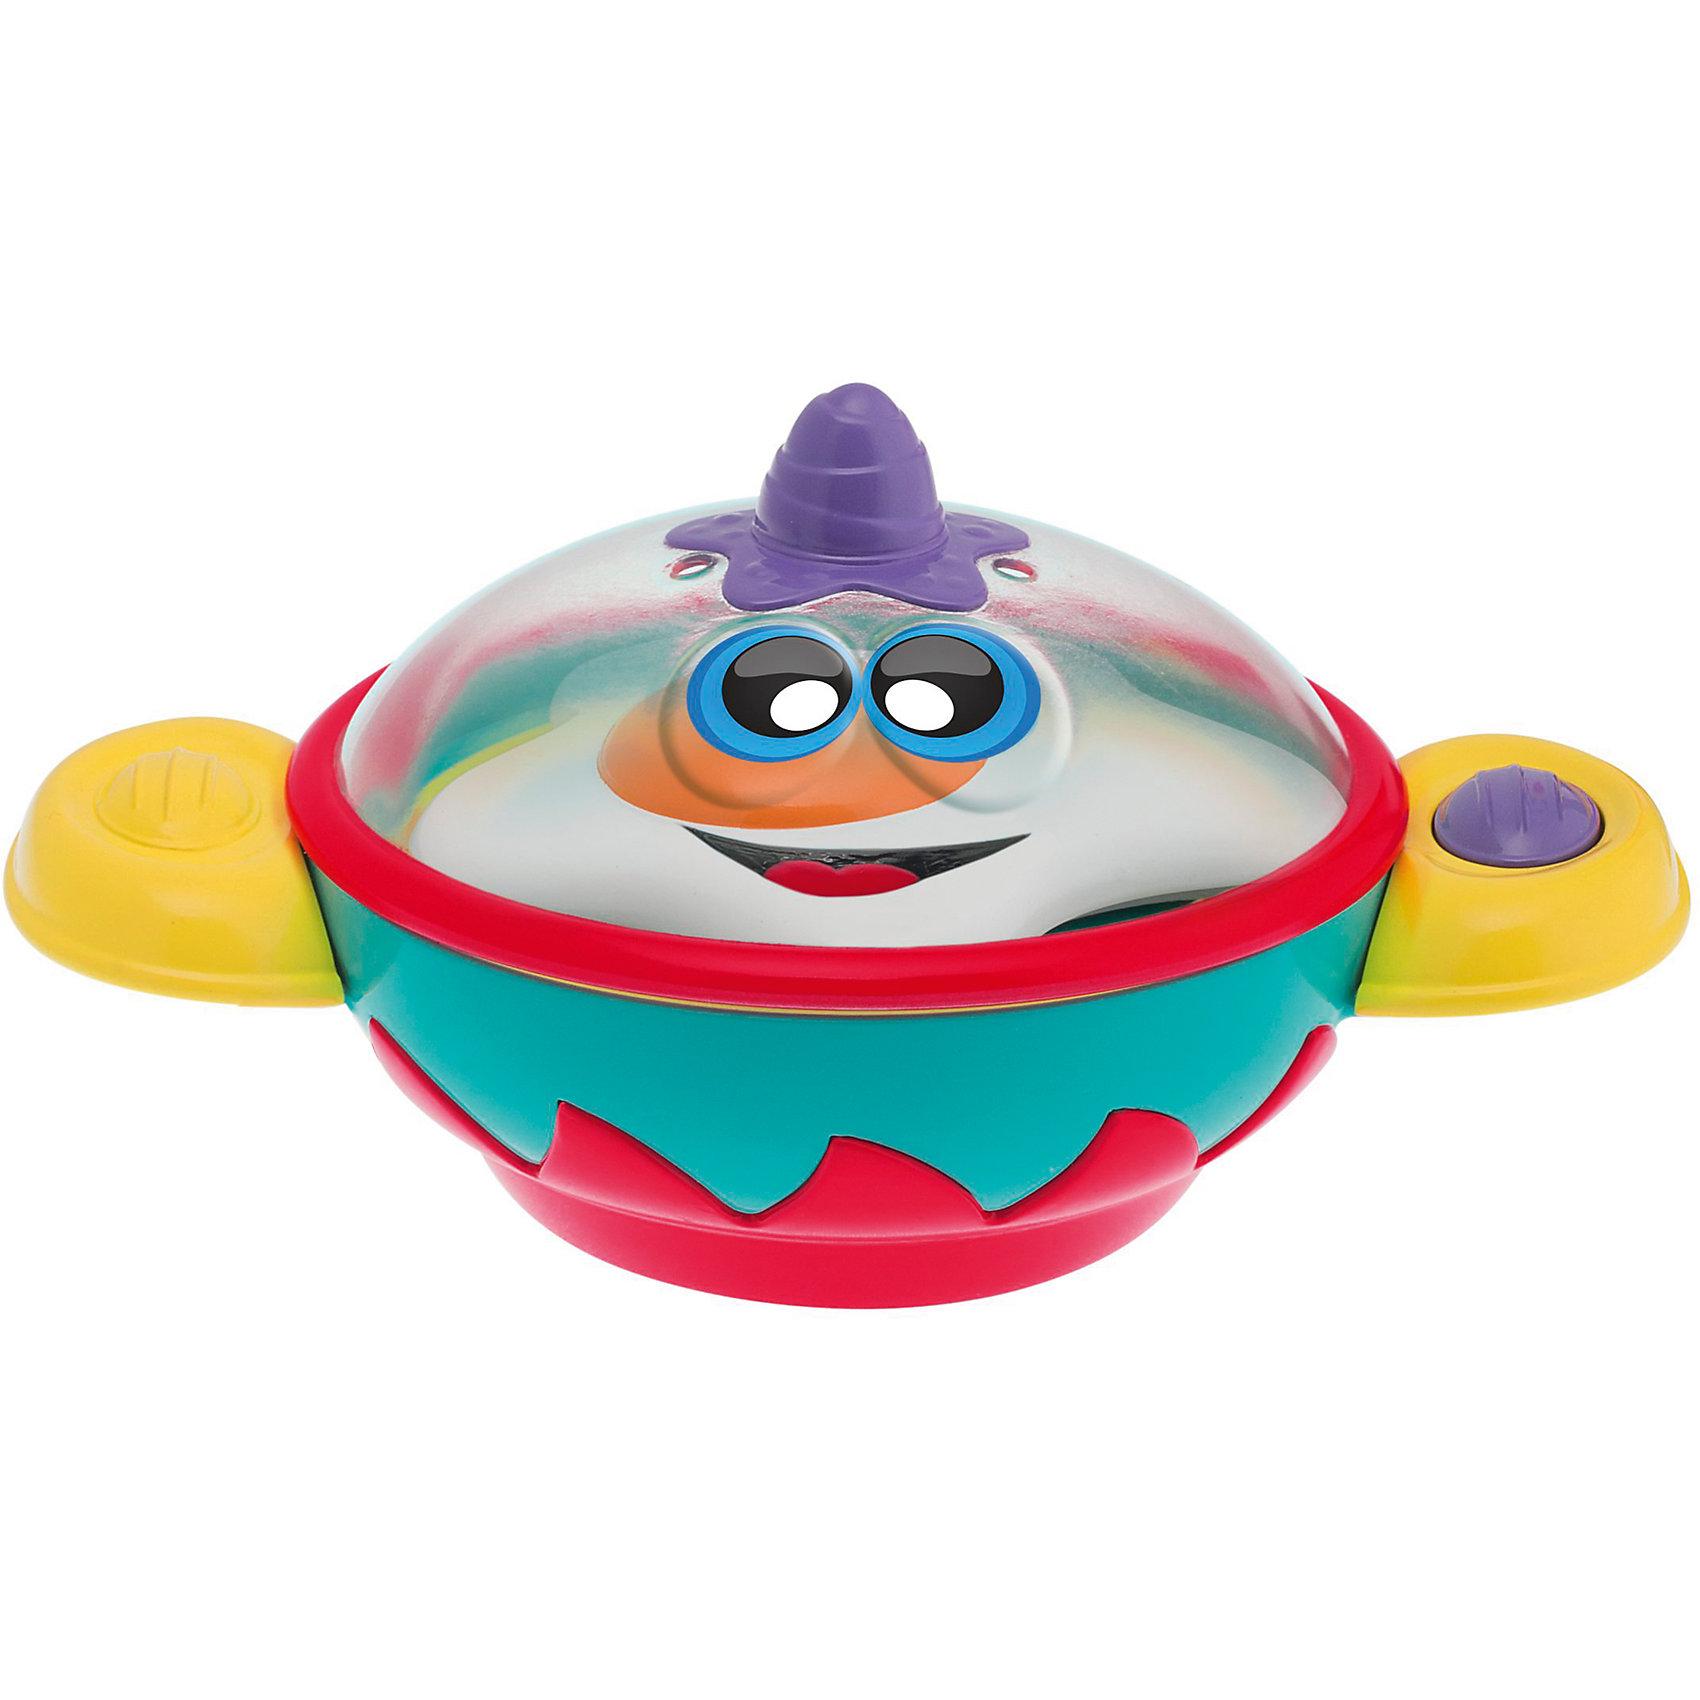 Музыкальная игрушка Кастрюлька, CHICCOМузыкальная игрушка Кастрюлька, CHICCO (ЧИКО) – эта игрушка позволит вашему малышу окунуться в мир кулинарии.<br>Поставьте игрушку на ровную поверхность, чтобы привести в действие звуковые и световые эффекты. Пусть малыш представит себя настоящим шеф-поваром. Откройте крышку кастрюльки, положите яичницу — вы услышите забавные звуки, как будто вы сами готовите это блюдо. Веселые мелодии и огоньки развеселят малыша, пока он будет готовить свое первое блюдо. Крышка кастрюльки снимается, и готовую яичницу можно выложить на игрушечную тарелку. Игрушка поможет вашему малышу почувствовать себя настоящим поваром и поиграть в ролевые игры, которые влияют на развитие у ребенка социализации, творческого мышления, ведь детям так нравится подражать взрослым!<br><br>Дополнительная информация:<br><br>- В наборе: кастрюлька, крышка, муляж яичницы<br>- Материал: пластик<br>- Размер: 17 x 9 x 10 см.<br>- Батарейки: 3 шт. LR44 1,5V(входят в комплект)<br><br>Музыкальную игрушку Кастрюлька, CHICCO (ЧИКО) можно купить в нашем интернет-магазине.<br><br>Ширина мм: 209<br>Глубина мм: 173<br>Высота мм: 90<br>Вес г: 250<br>Возраст от месяцев: 6<br>Возраст до месяцев: 36<br>Пол: Унисекс<br>Возраст: Детский<br>SKU: 4577223